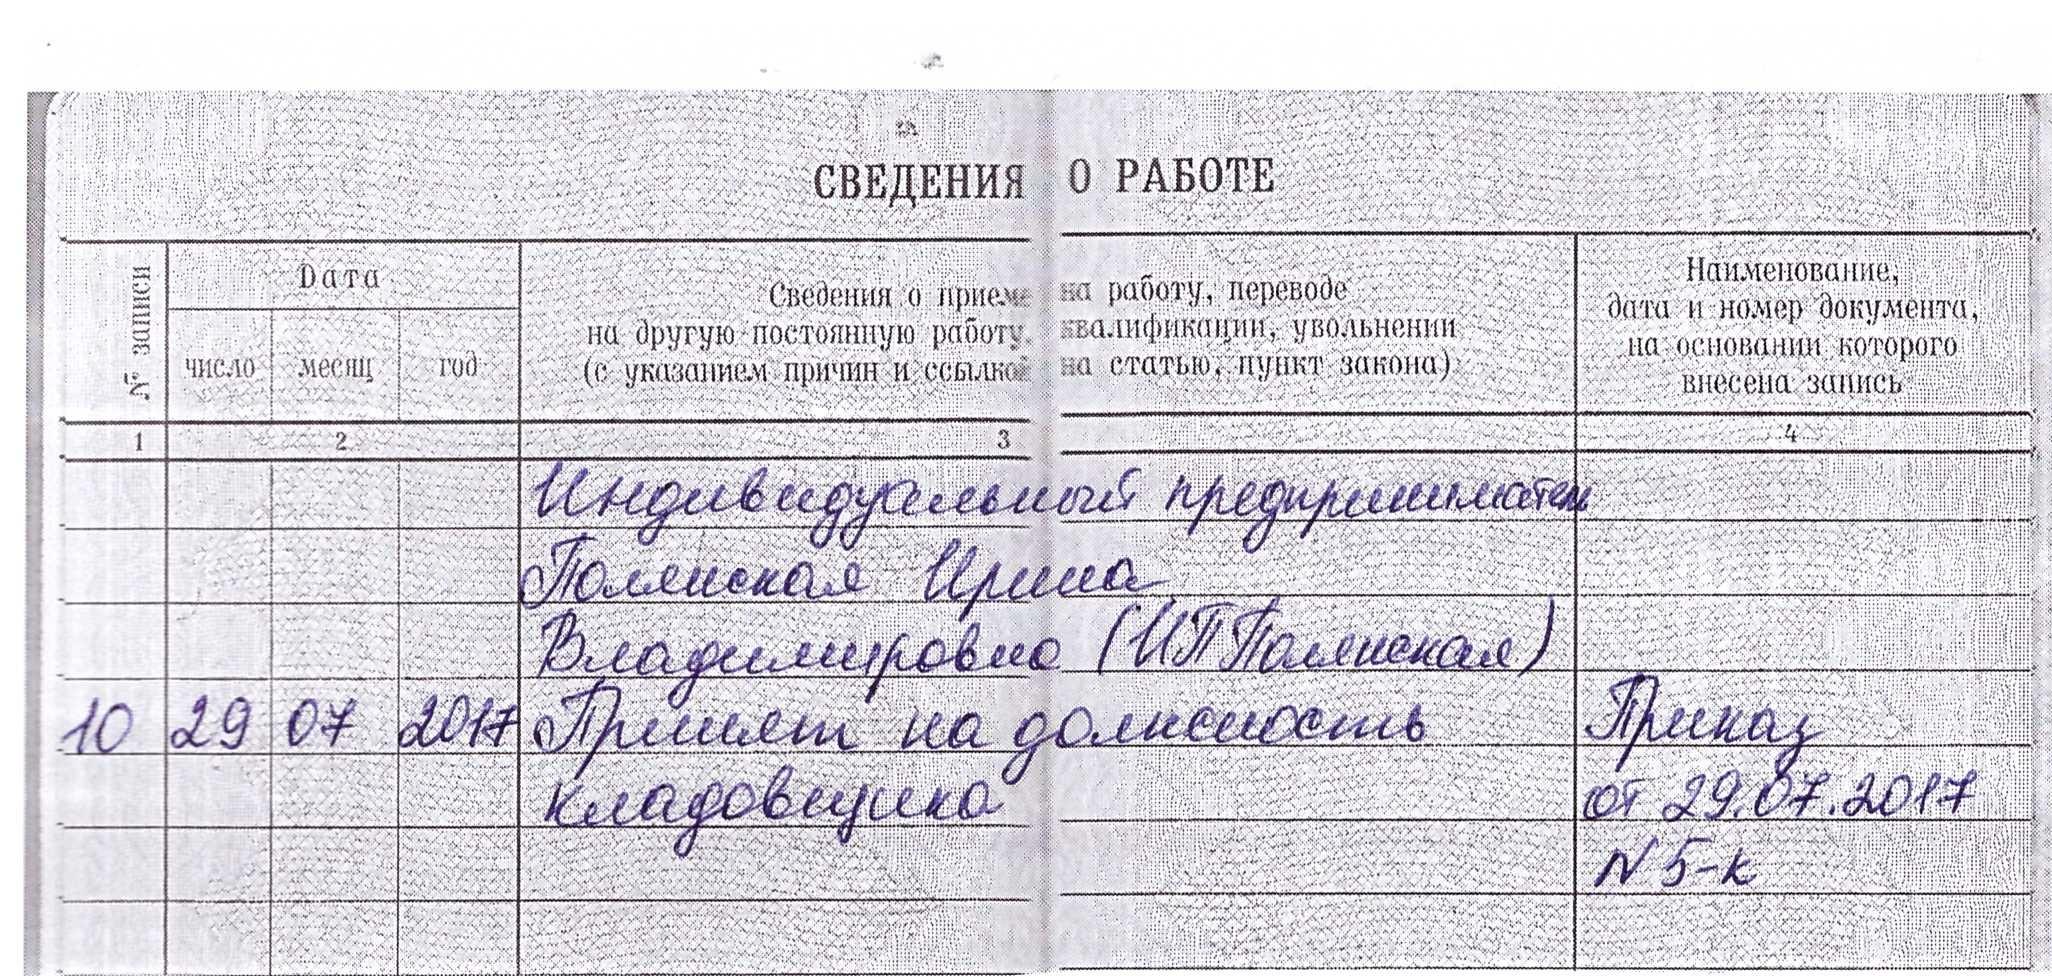 Заполнение трудовой книжки при приеме, переводе 26